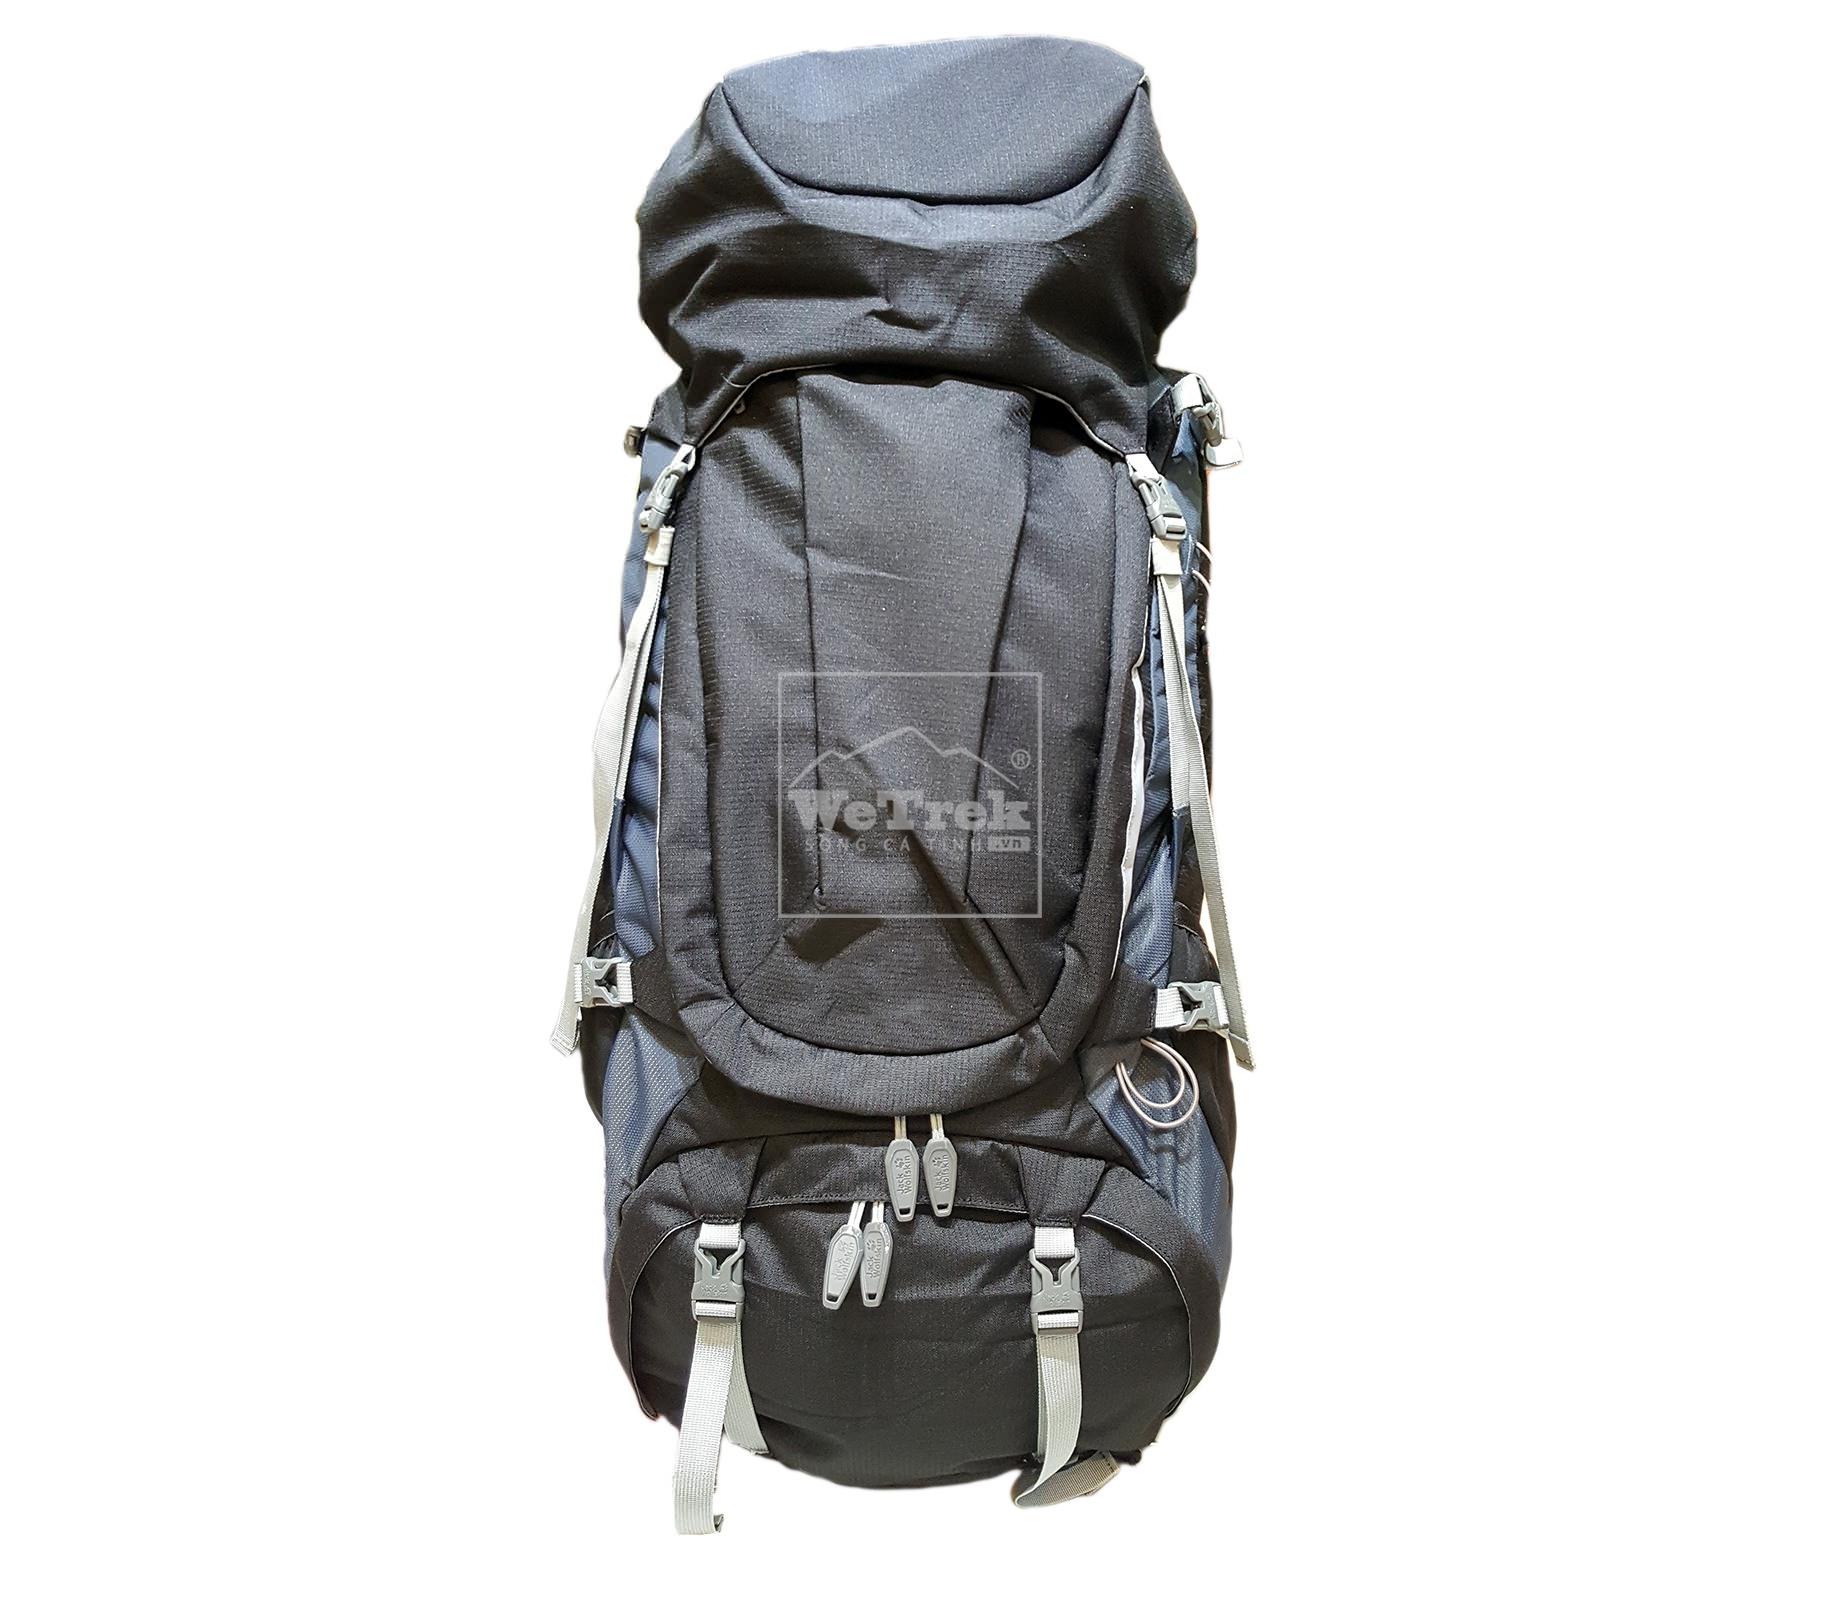 Balo leo núi VNXK JW Denali 55L Black - 7542